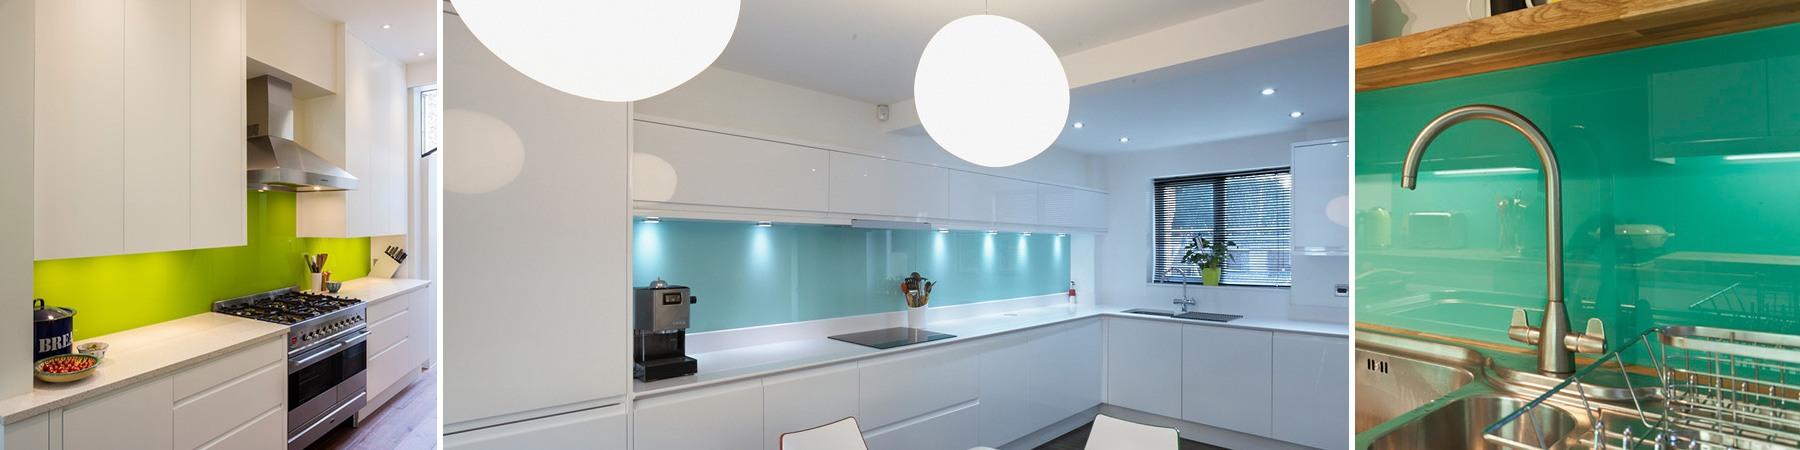 Vidriopanel paneles de vidrio para cocinas ba os y mesa for Configurador de cocinas